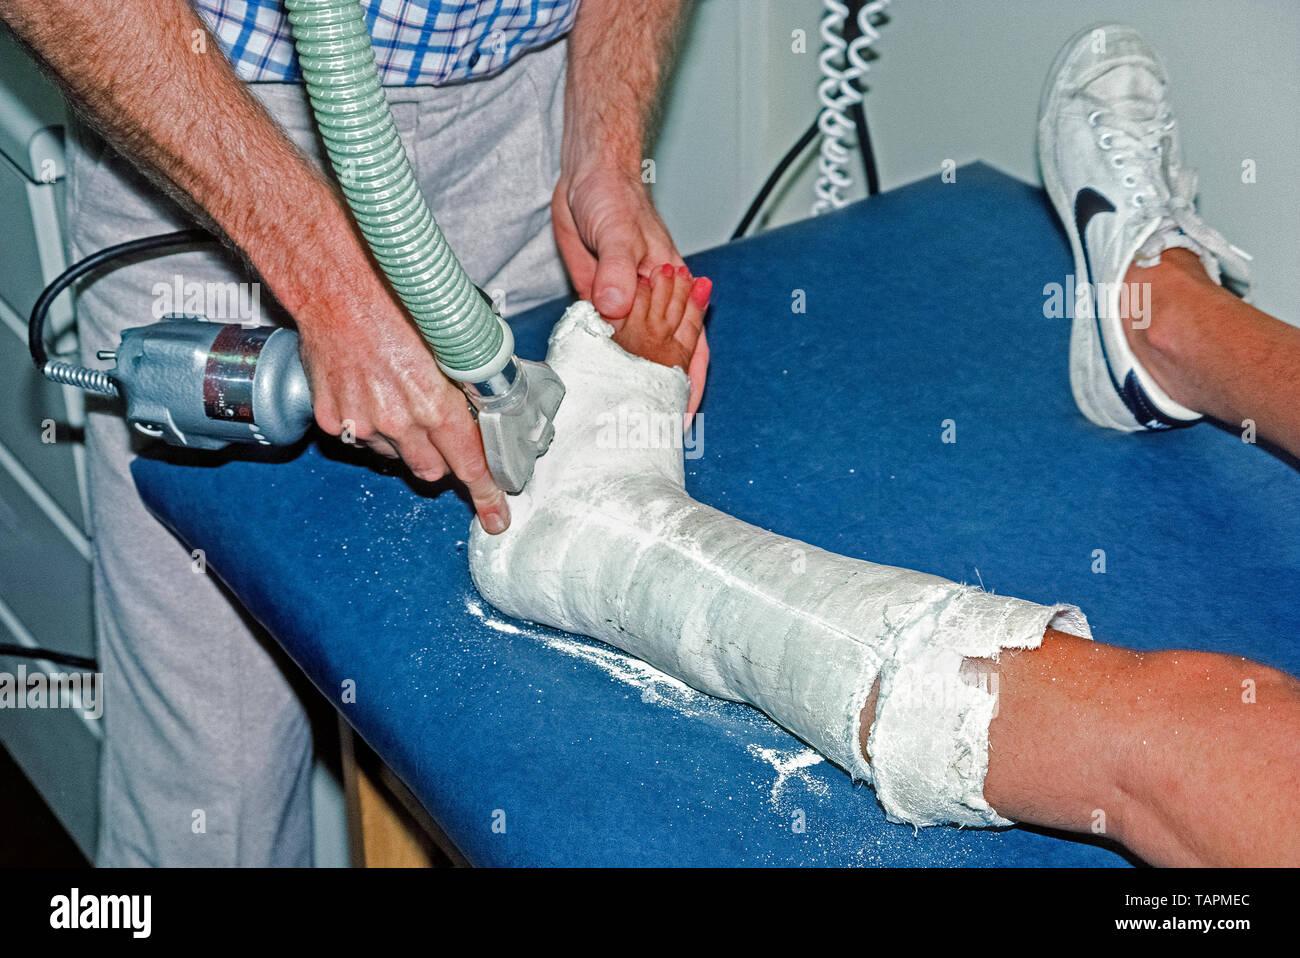 Eine spezielle elektrisch angetriebene Säge durch eine orthopädische Arzt verwendet wird Perforationen im Putz zu machen, dass die gebrochenen Knöchel einer kaukasischen Frau unterstützt, während die gebrochene Knochen in ihrem linken Bein heilte. Die Klinge dieses schwingenden cast Säge vibriert anstelle von Spinnen, die verhindert, dass die Haut. Nach Kürzungen in den Cast gemacht wurden, ist es neben ausgehebelt, so dass der putz und innen Baumwollfutter leicht von den verletzten Anhängsel entfernt werden kann. Die oszillierende Säge für den medizinischen Einsatz im Jahr 1945 von einem amerikanischen orthopädischen Chirurgen patentiert wurde, Dr. Homer Stryker. Stockbild